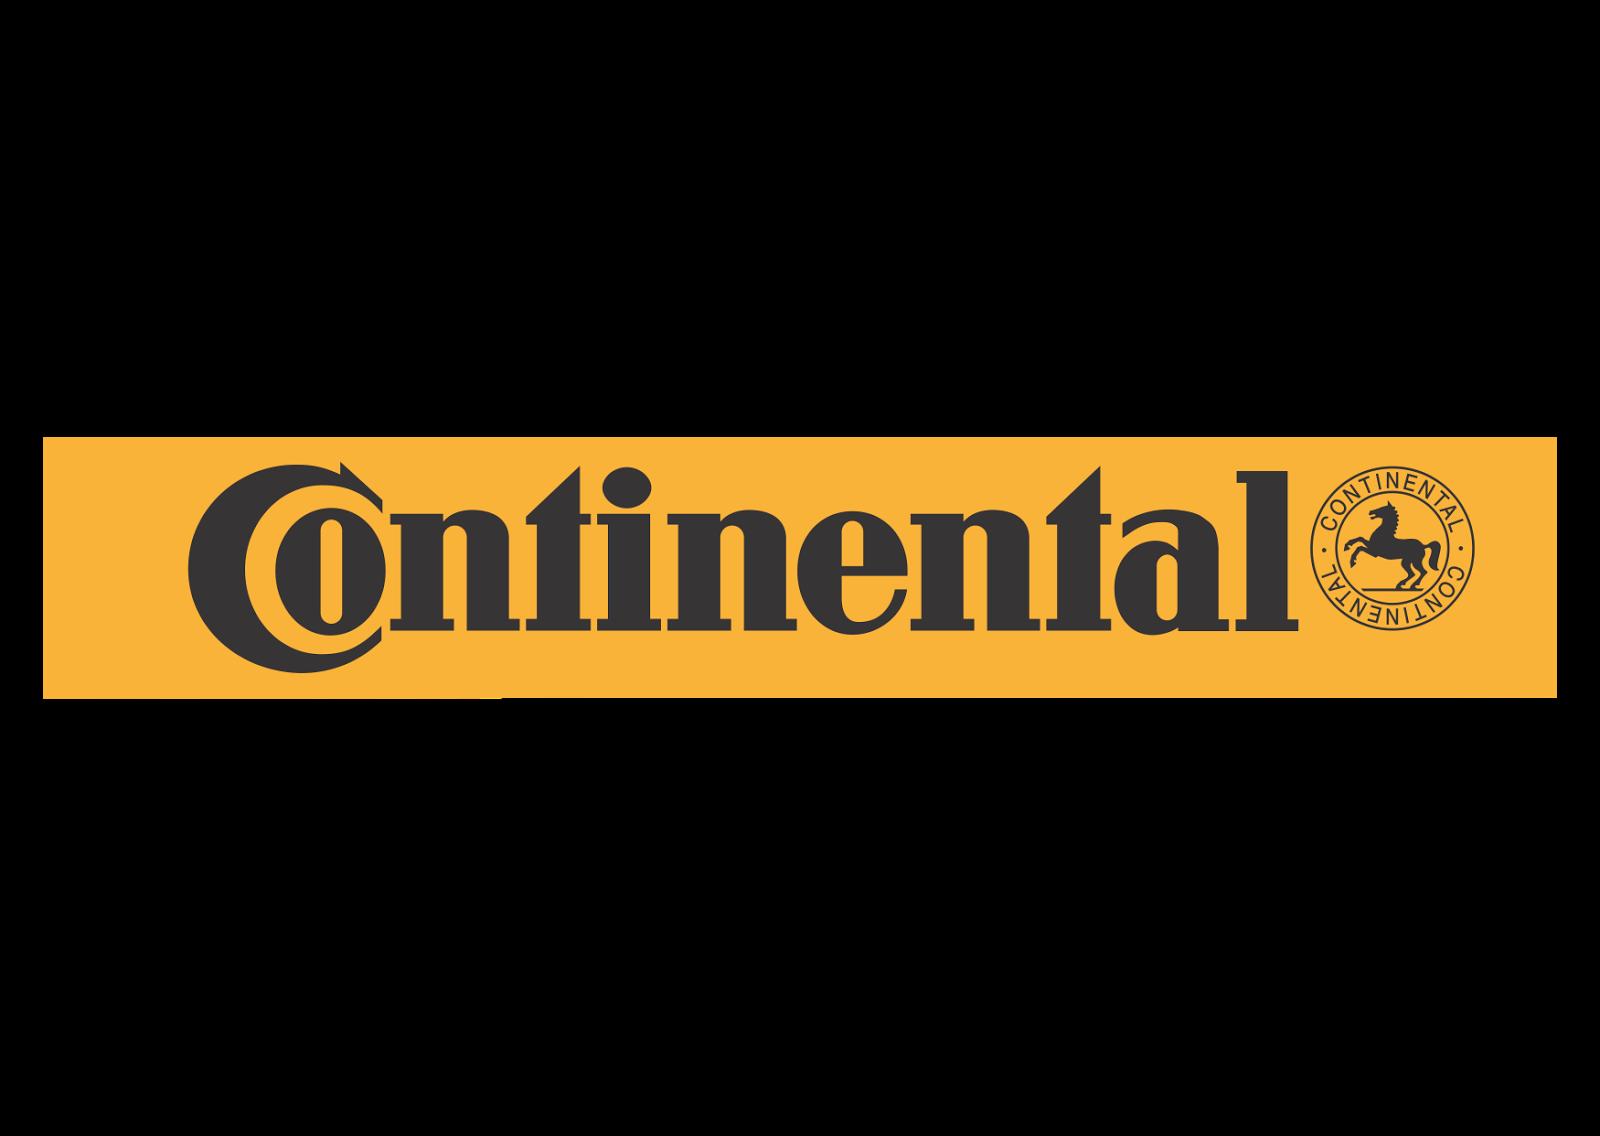 Continental-logo-vector